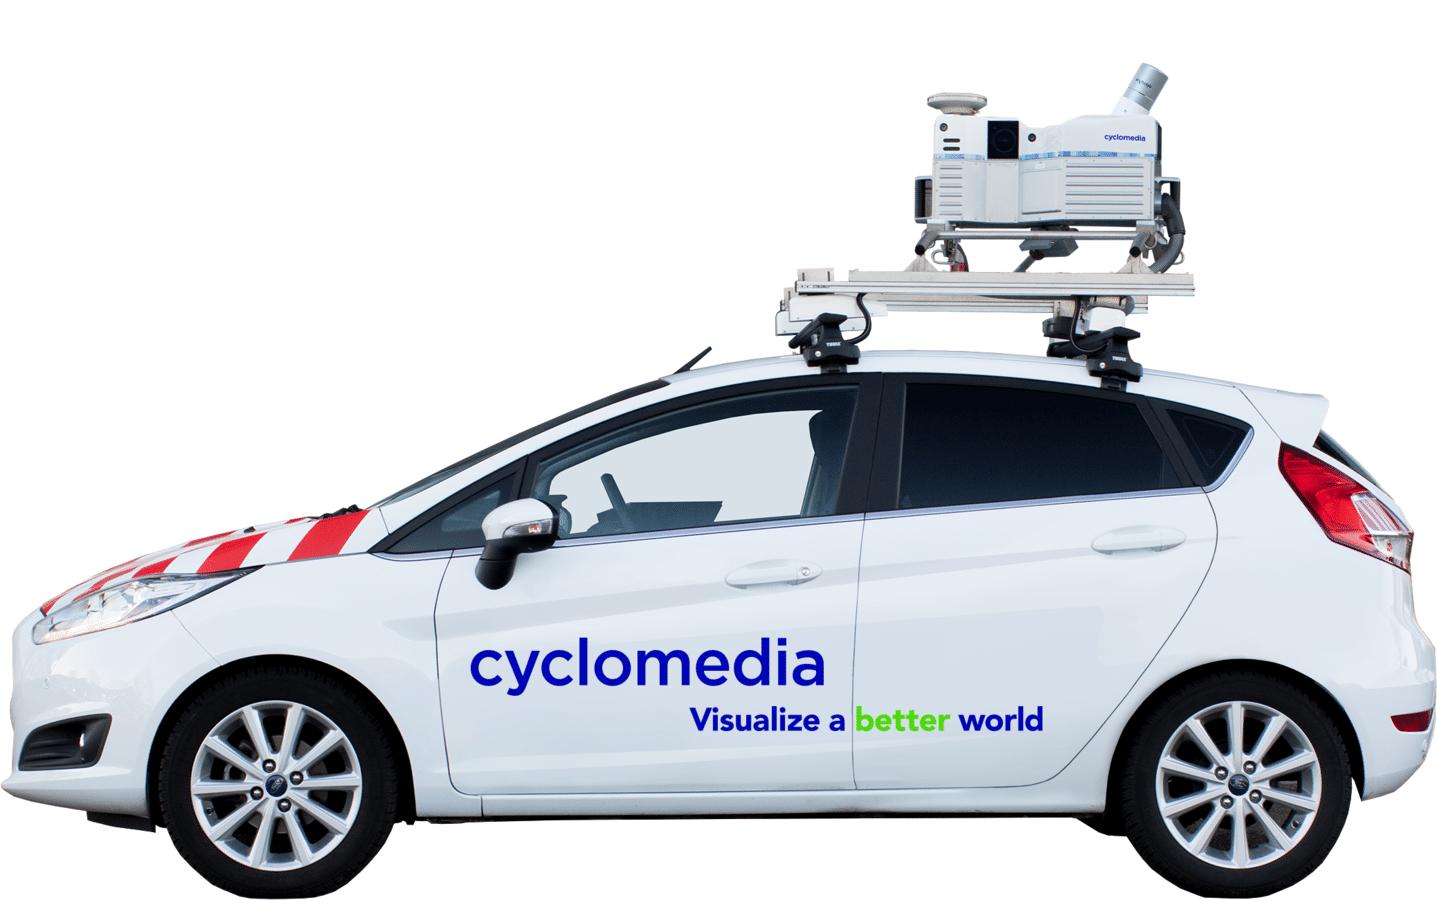 Met speciaal uitgeruste voertuigen maakt Cyclomedia 360 graden panoramafoto's vanaf de openbare weg.